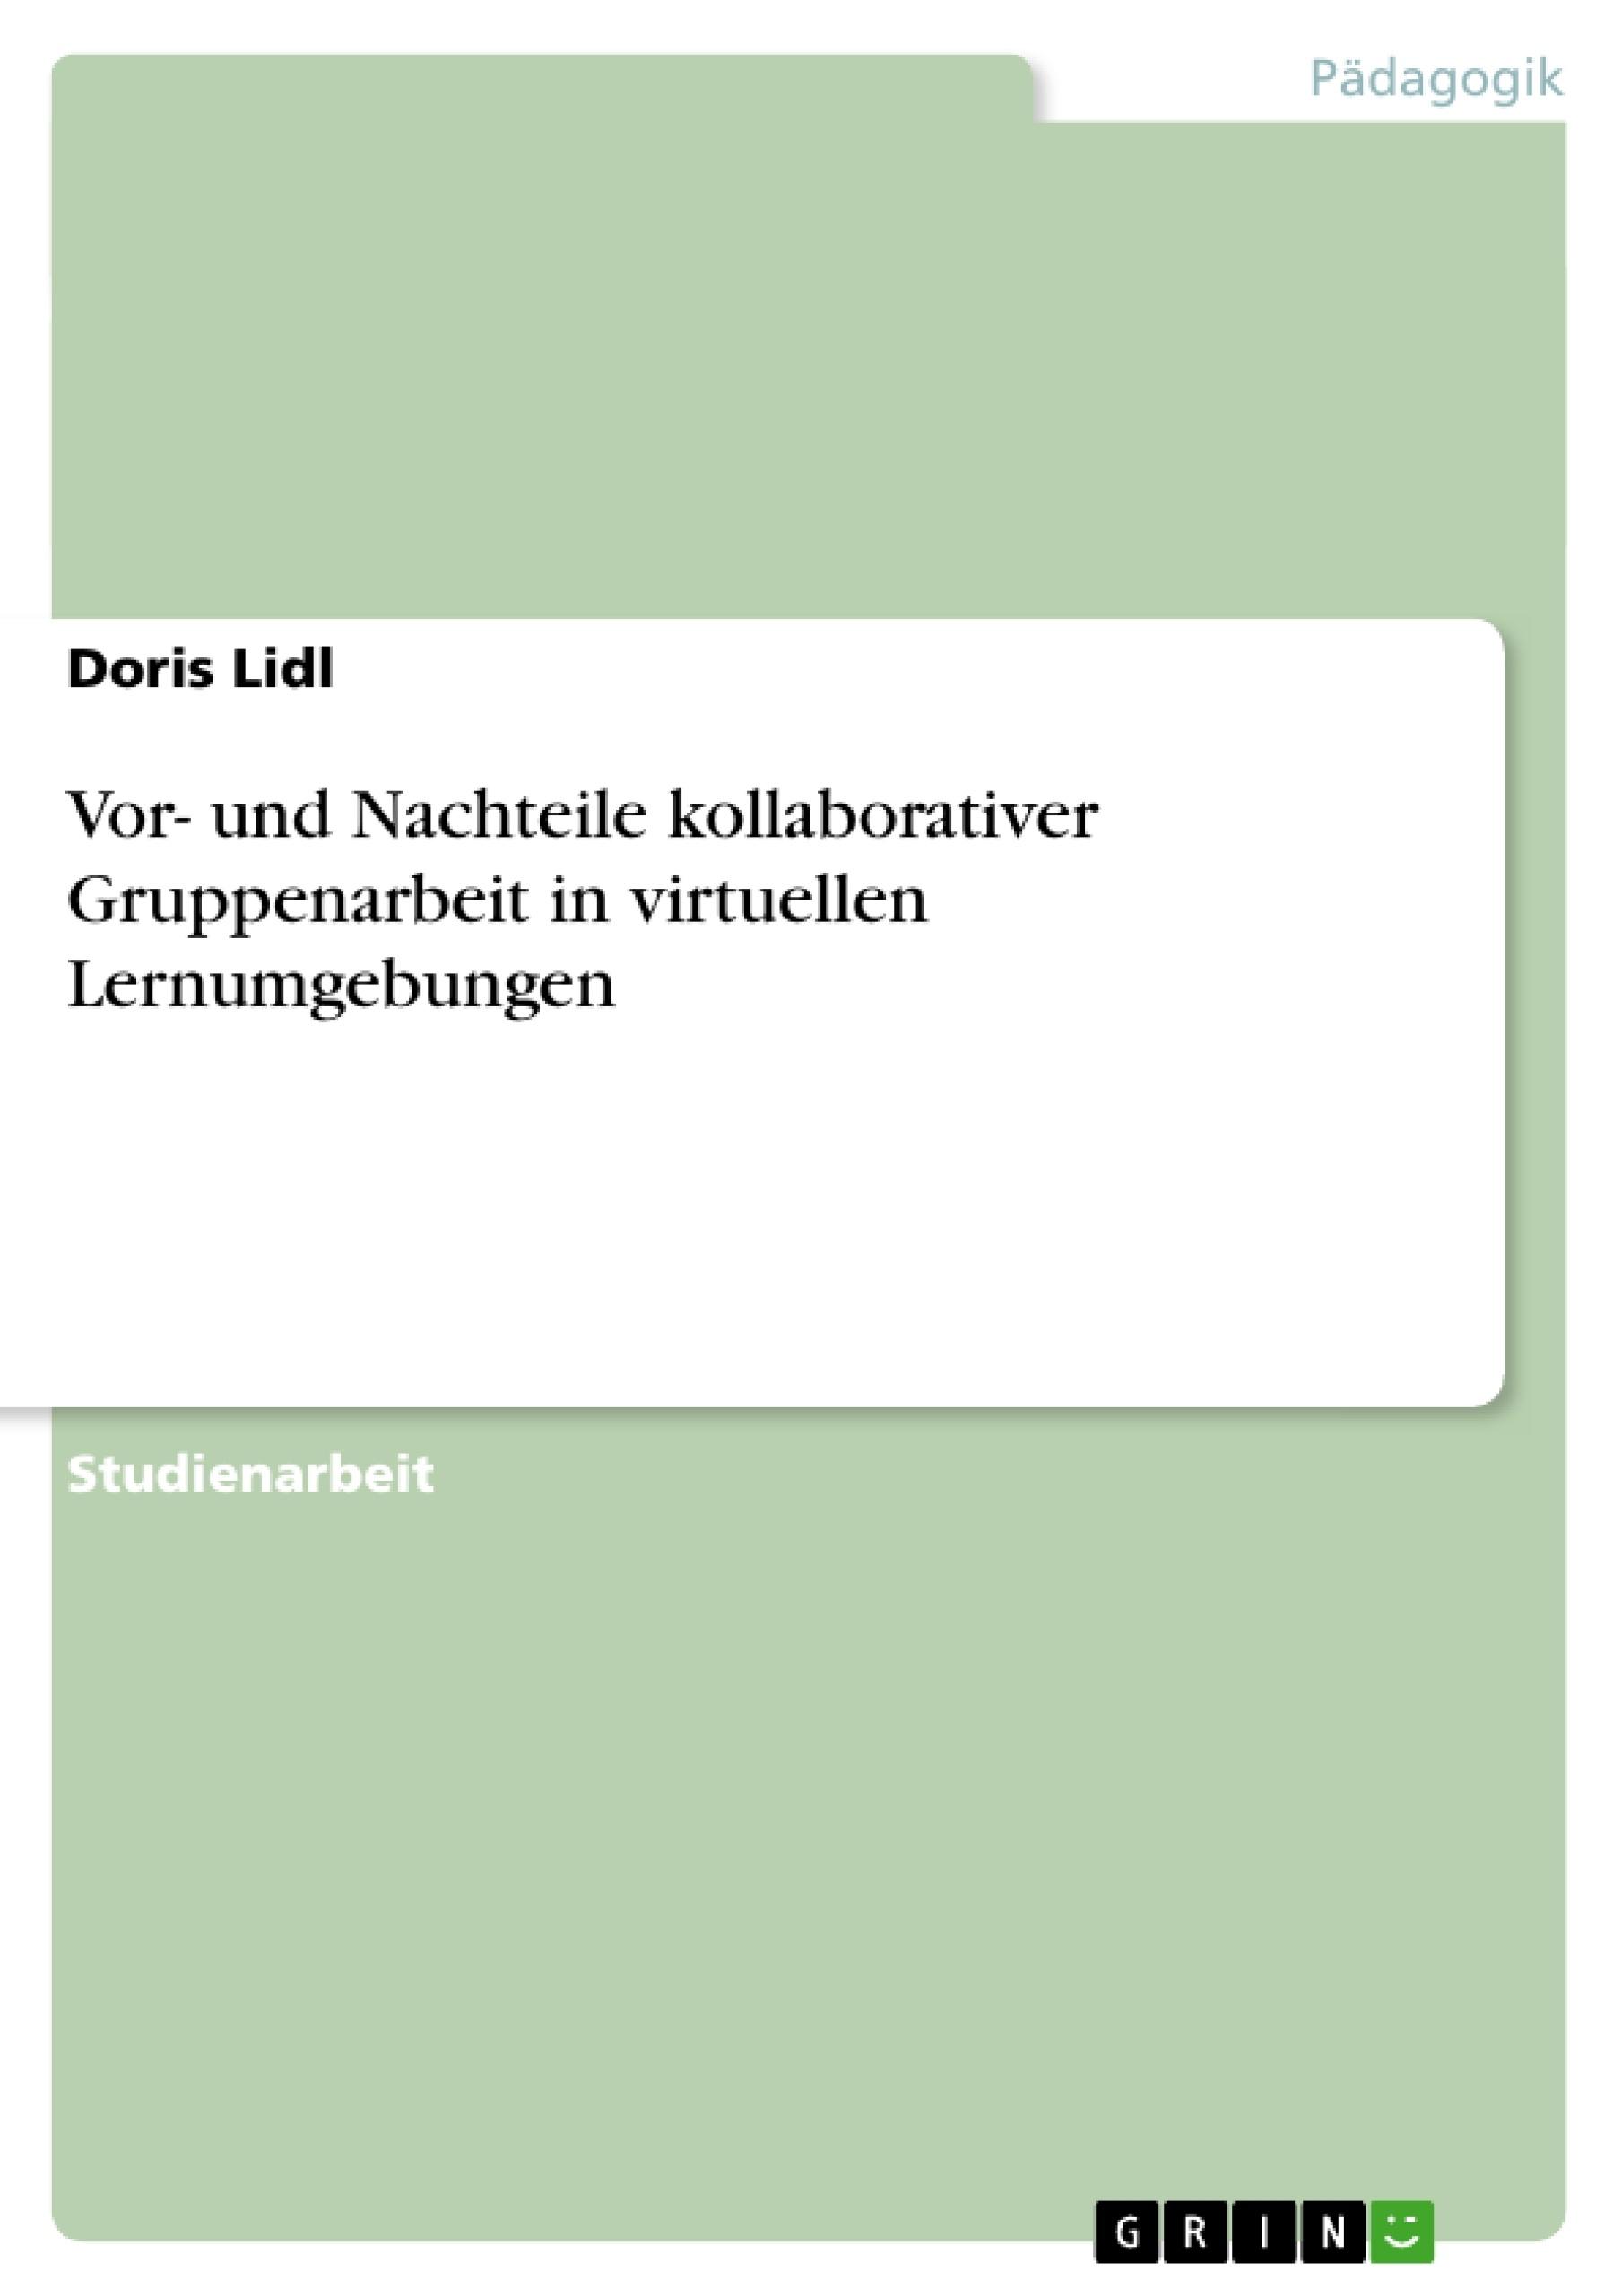 Titel: Vor- und Nachteile kollaborativer Gruppenarbeit in virtuellen Lernumgebungen